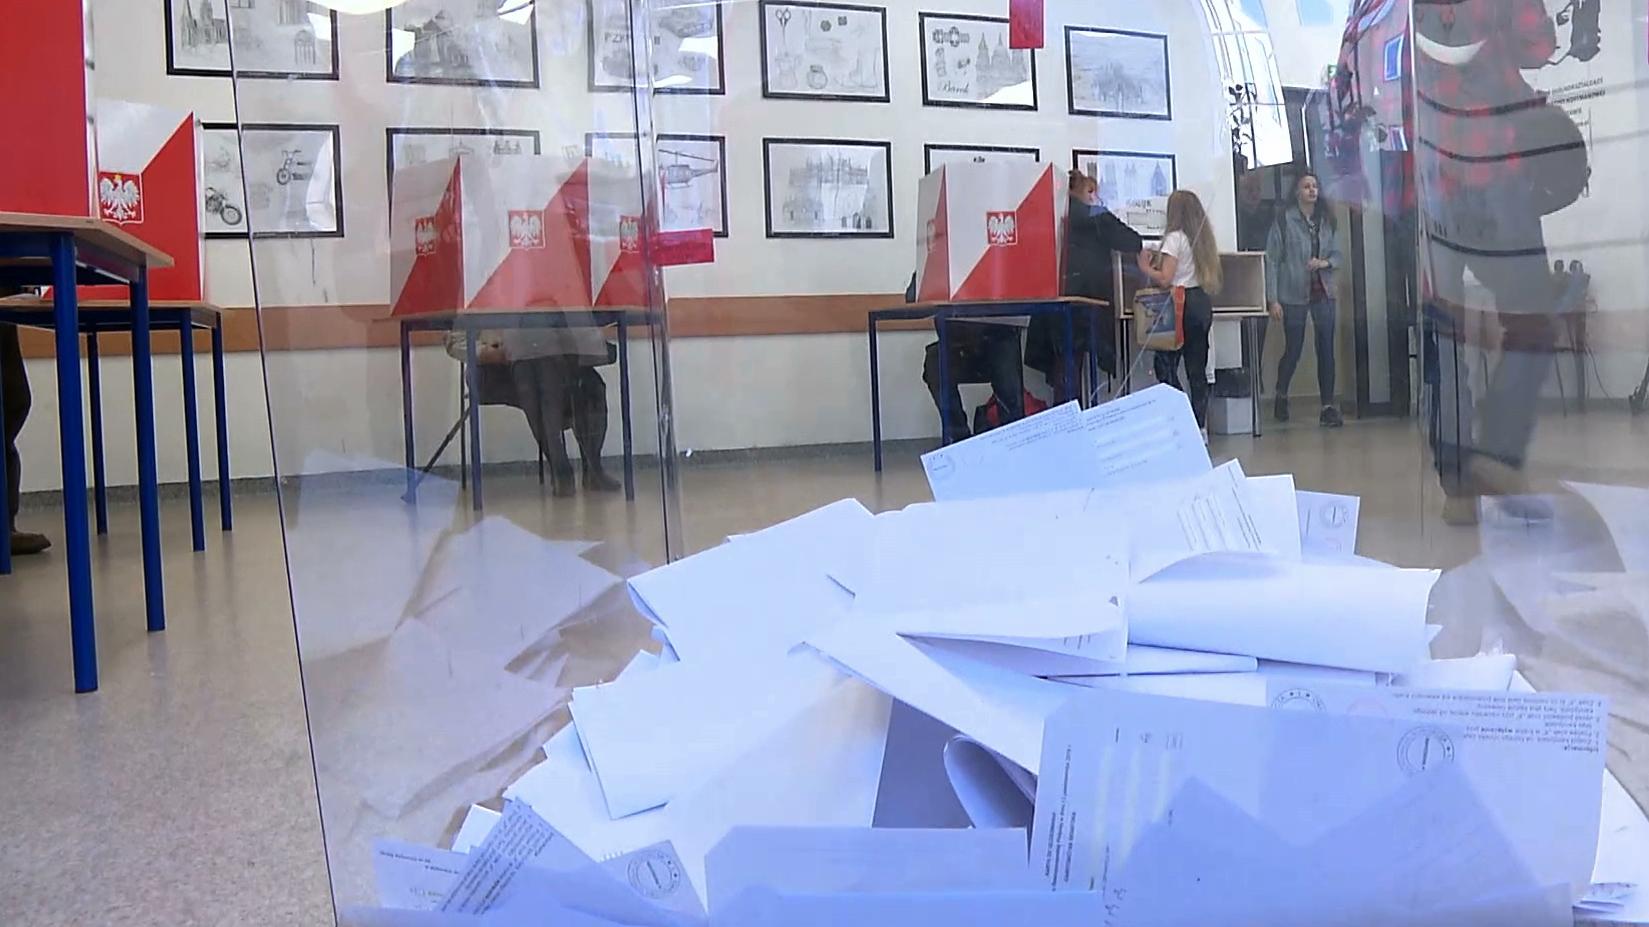 01.06.2020 | Pytania o odpowiedzialność za wybory, których nie było